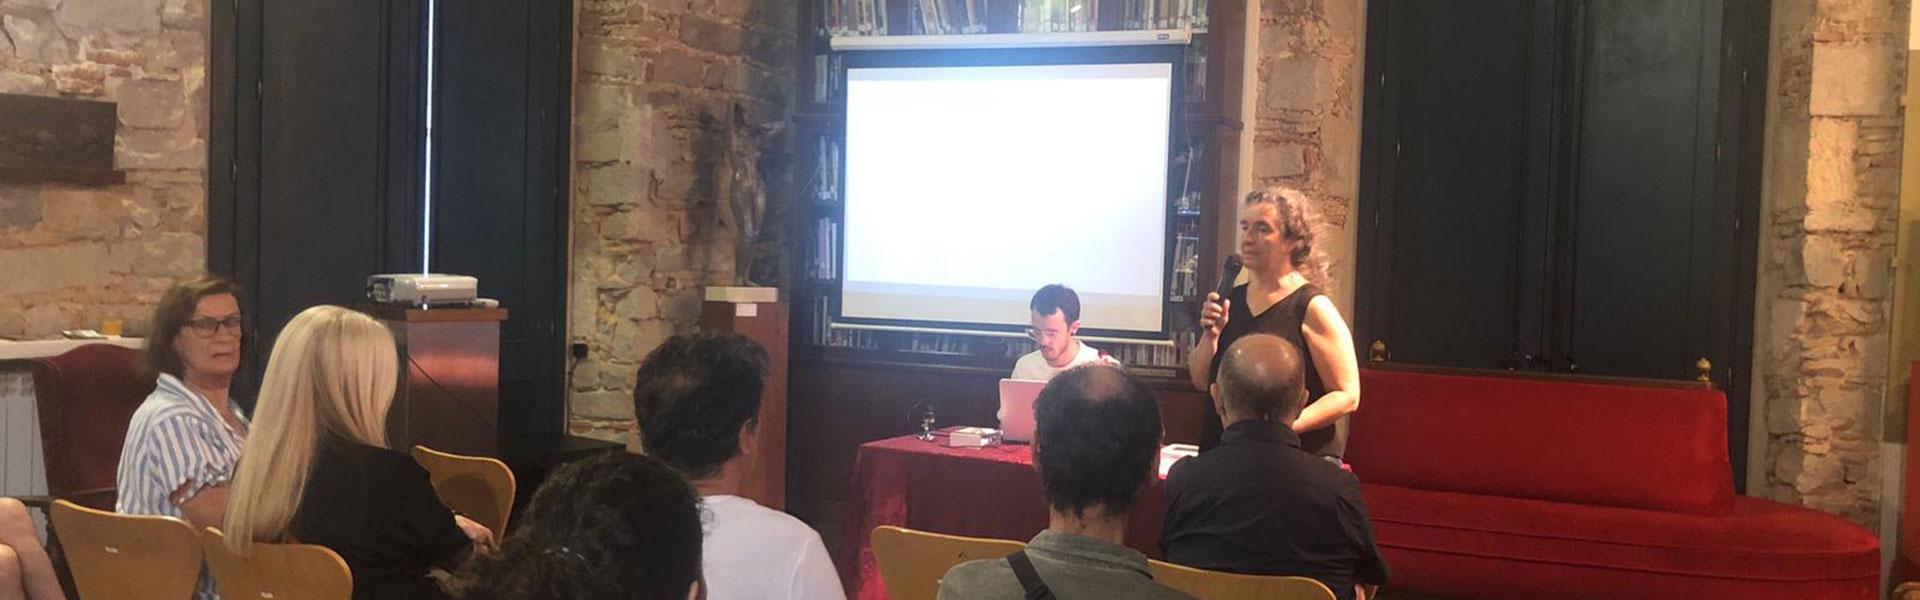 Fotos: Glòria Puigmal, Guillem Cañameras i Ramon Barnadas